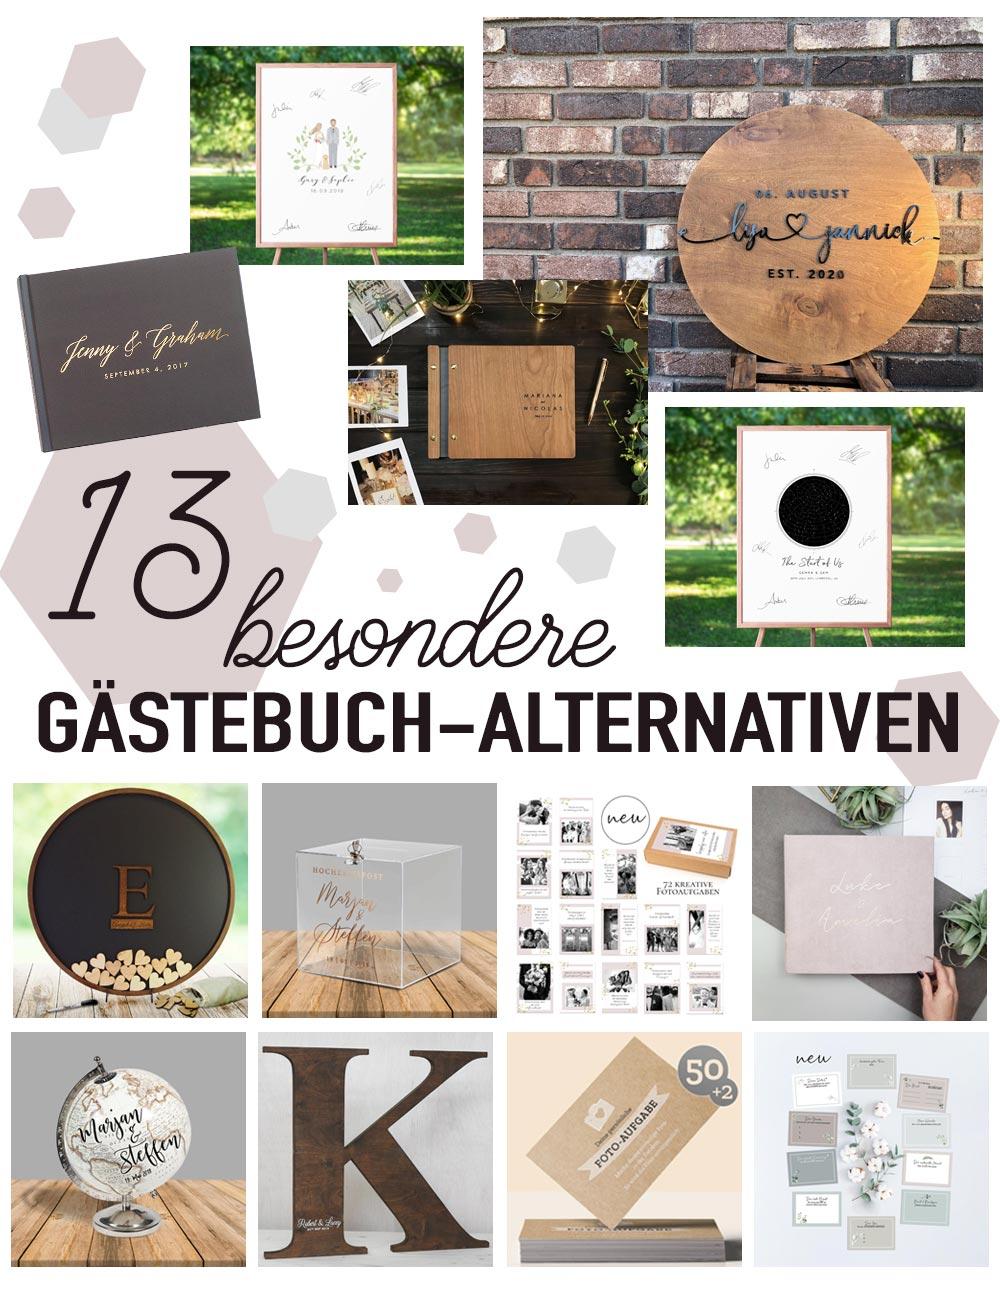 13 besondere Gästebuch Ideen zur Hochzeit - Alternatives Gästebuch zur Hochzeit